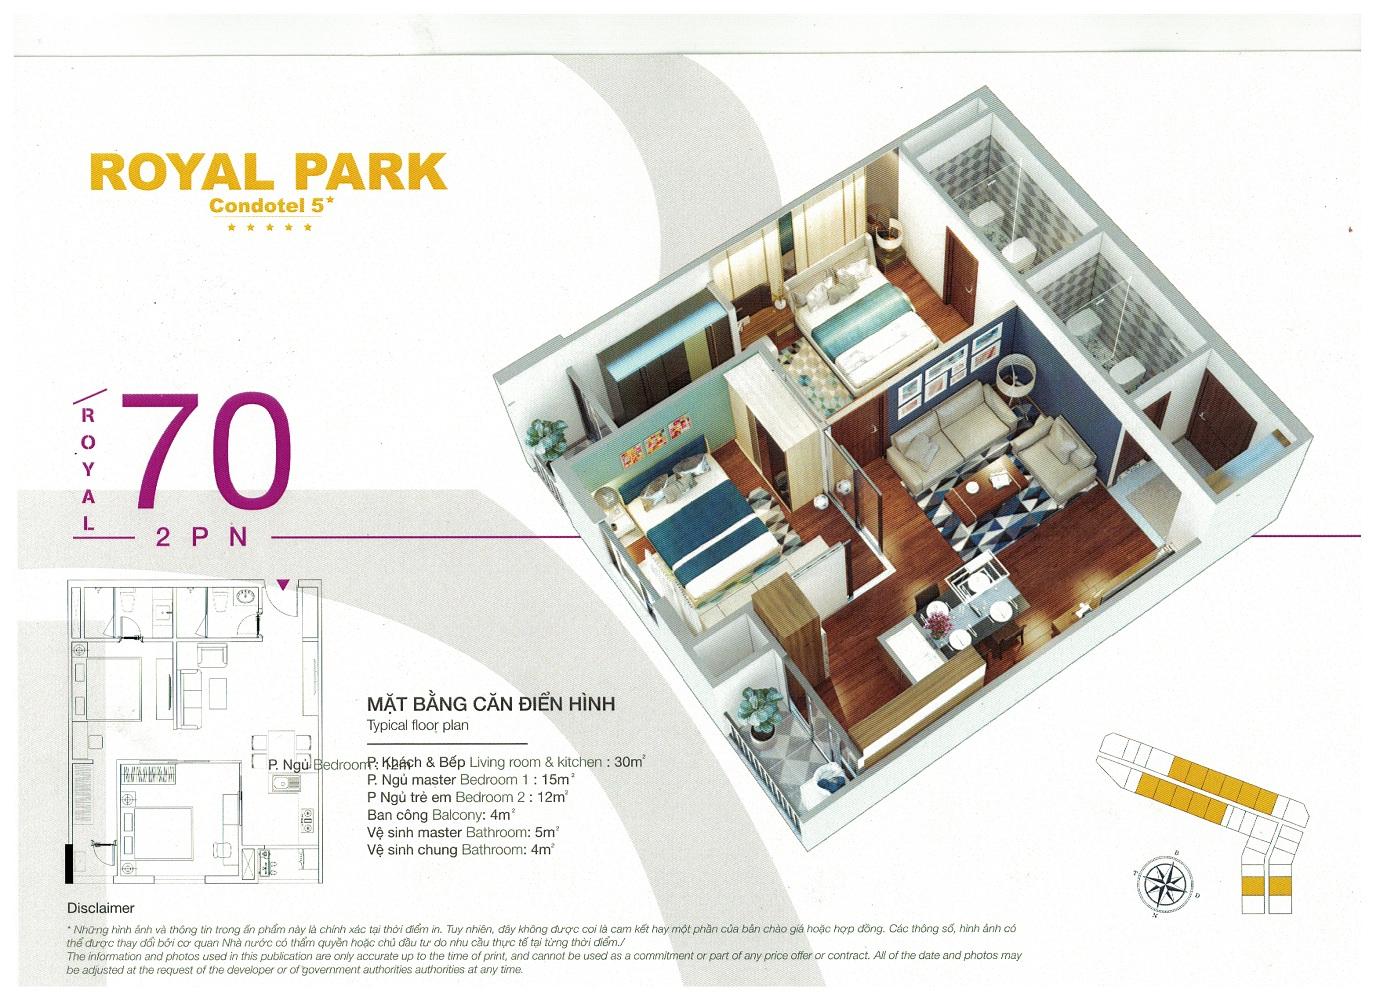 Thiết kế mặt bằng căn hộ khách sạn nghỉ dưỡng Royal Park Bắc Ninh 70m2